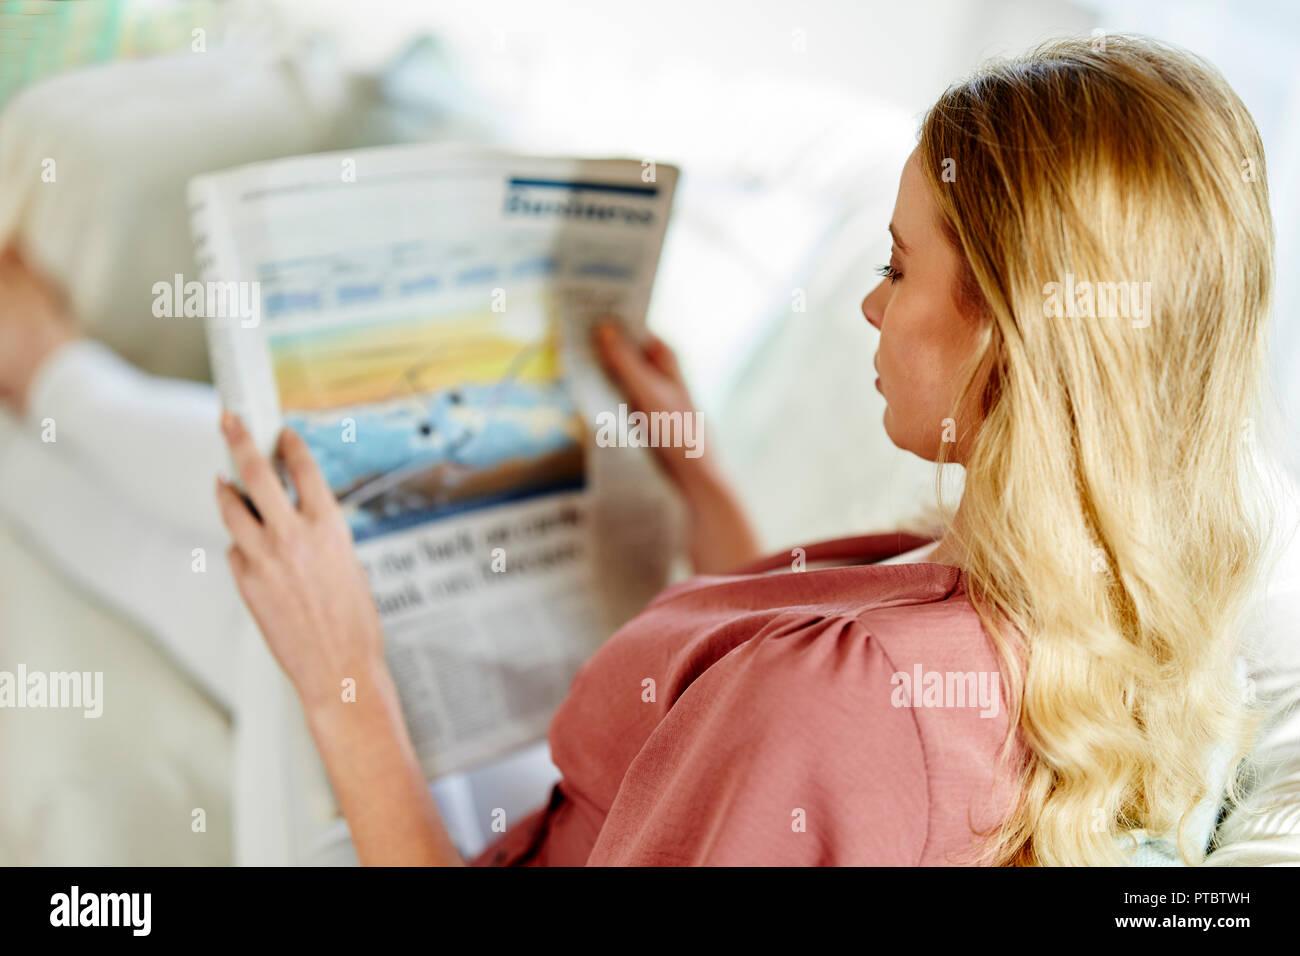 Frau mit einem finanziellen Papier Stockbild